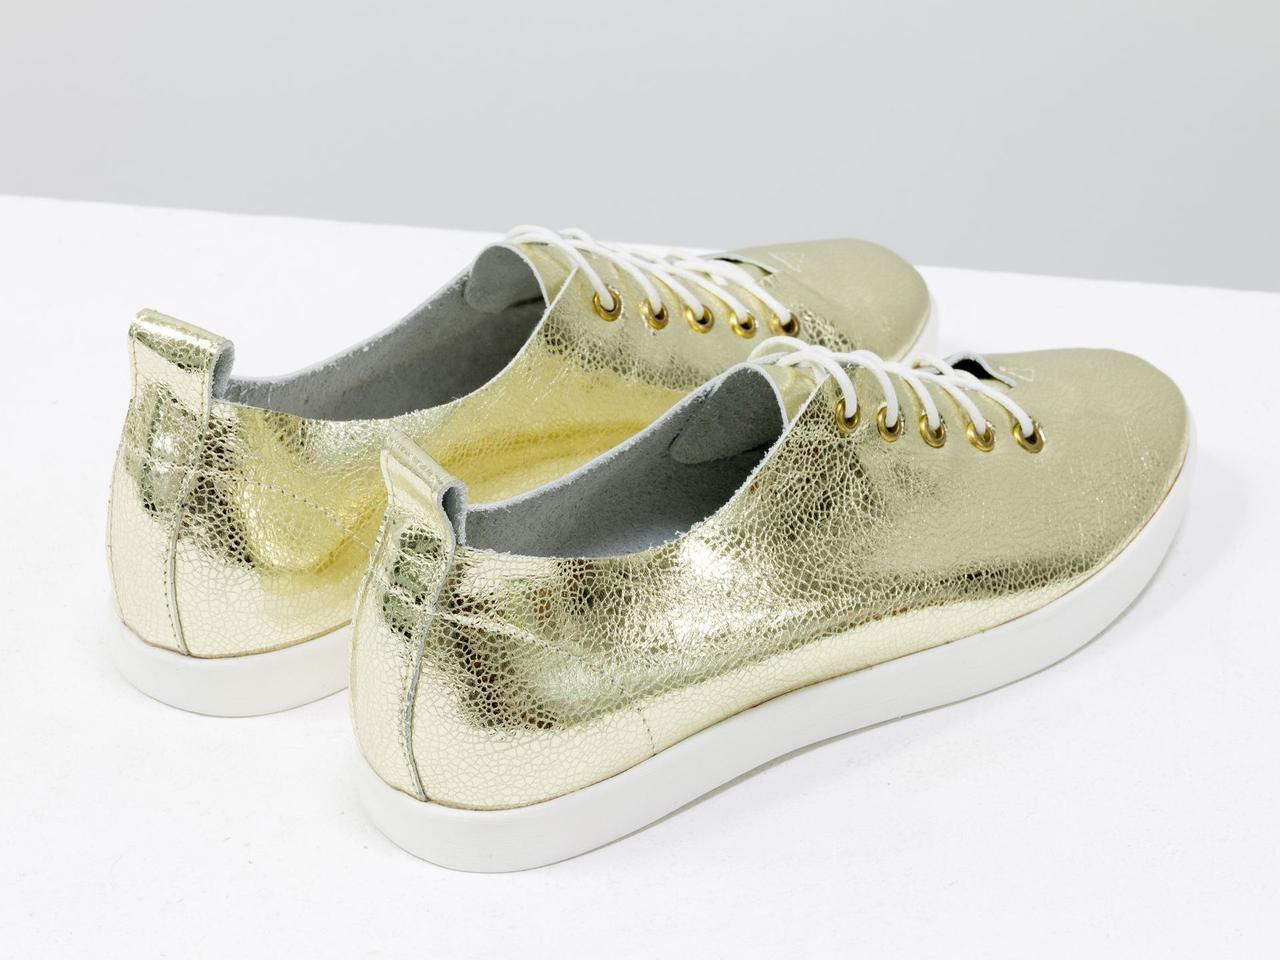 Невероятно легкие туфли-кеды из натуральной кожи золотого цвета на яркой белой подошве - фото 6